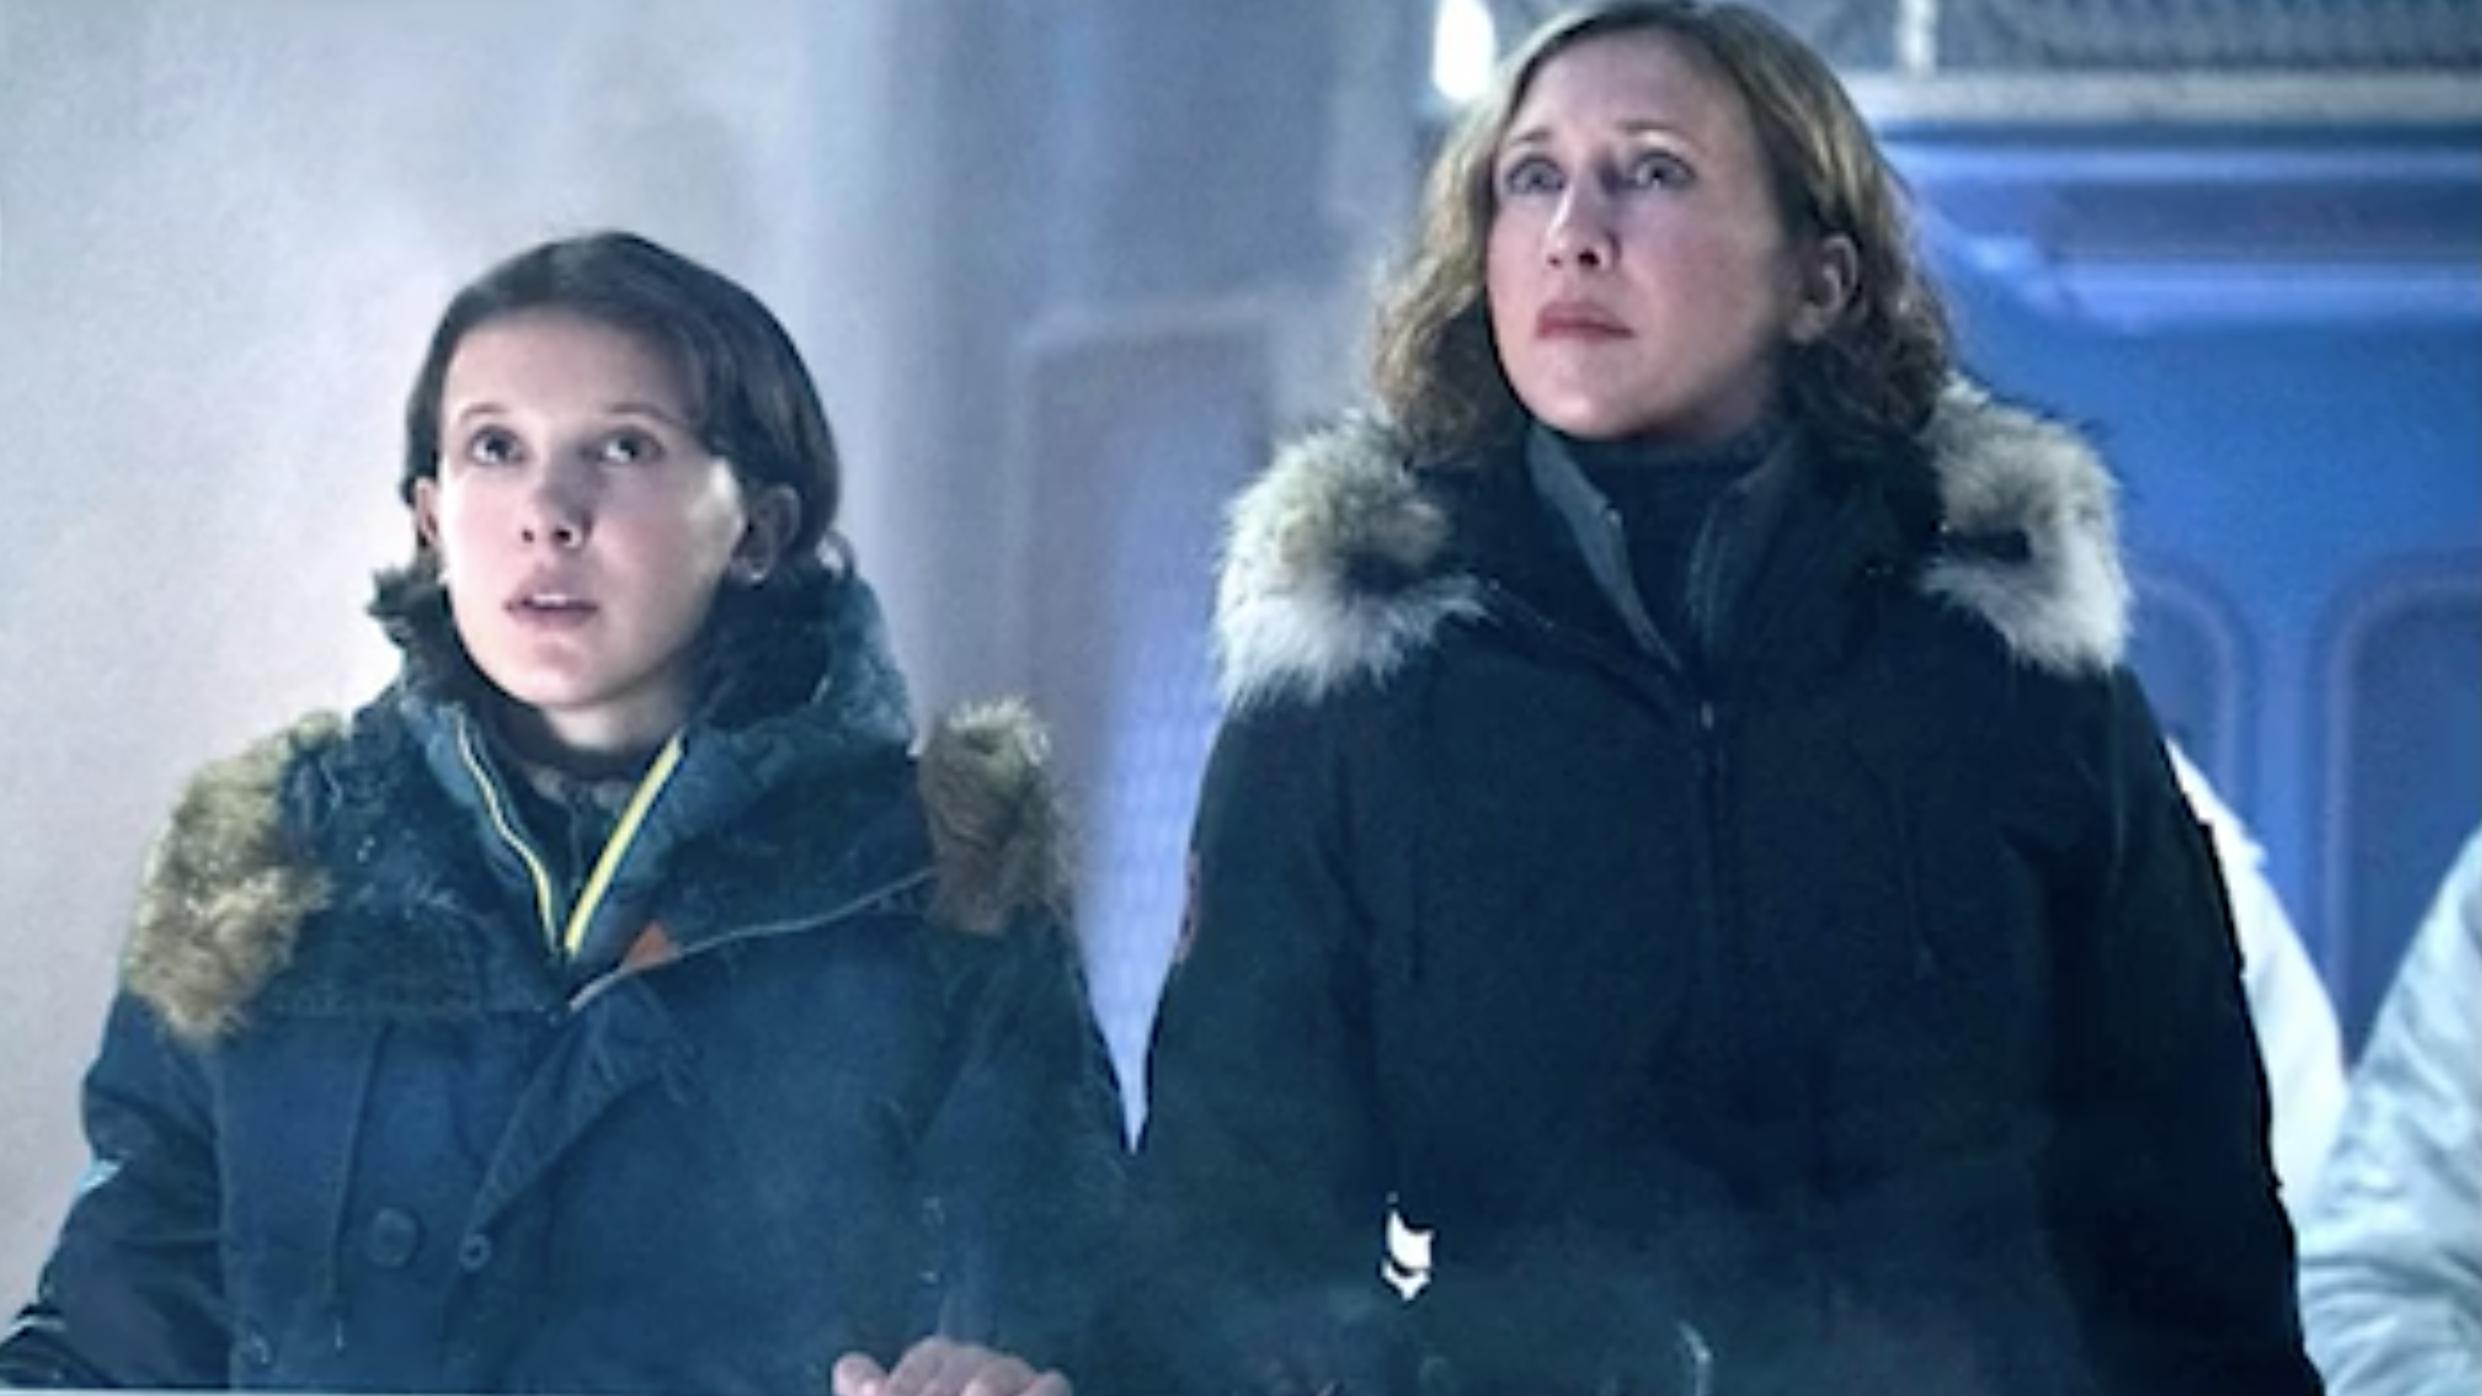 Das passiert im neuen Godzilla-Film mit Stranger-Things-Star Millie Bobby Brown